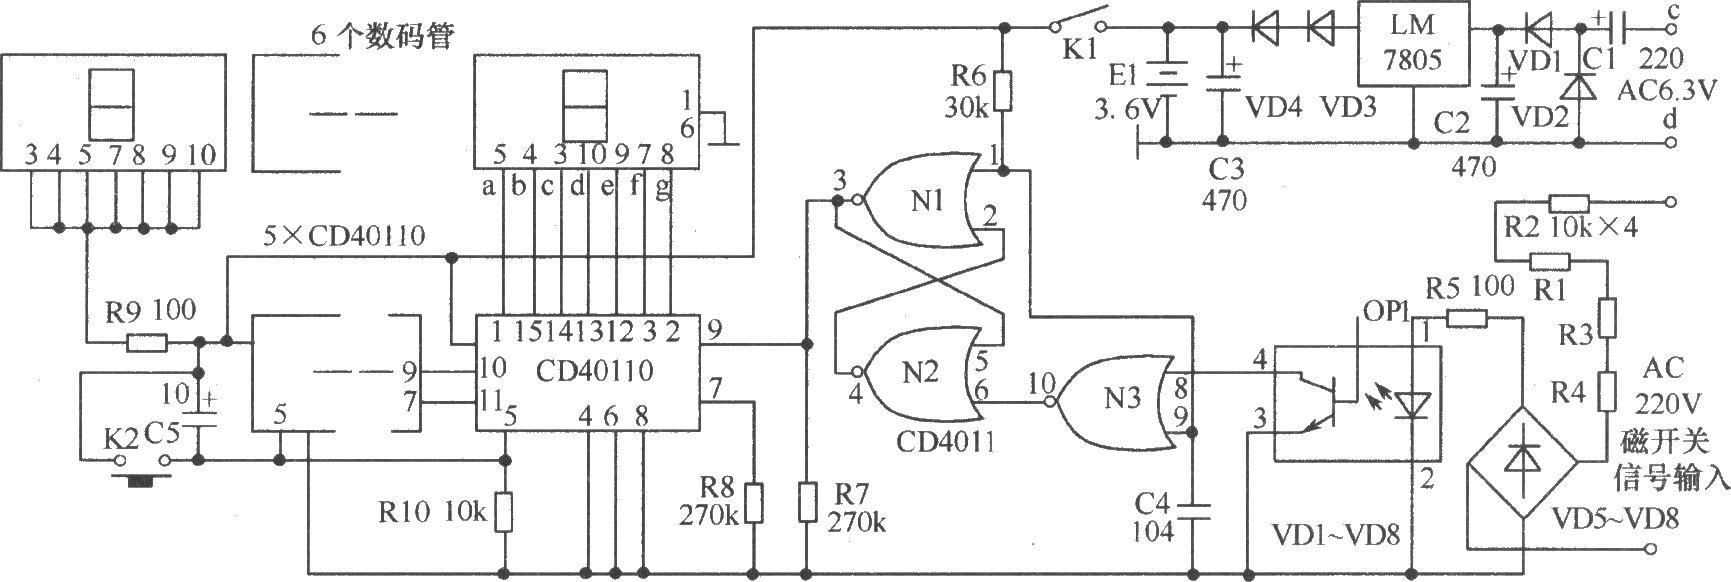 如图所示电路,原机械计数器只有两个磁开关信号端子,电子计数器则增加了c、d两个AC6.3V输入端子,共有4个接线端子。C1、C2、VD1、VD2组成倍压整流、滤波电路,经7805稳压后,输出5V稳定直流电压,经VD3、VD4降压后,得到约3.6V的直流电压,E1为小型3.6V镍镉充电电池,市电正常时,对其进行充电;市电断电时,E1对负载进行供电,以保持断电时的计数数值,VD3、VD4在这里起隔离作用。a、b两端输入磁开关闭合时接通交流220V电压,此电压经R1~R4降压,并经VD5~VD8桥式整流后,得到